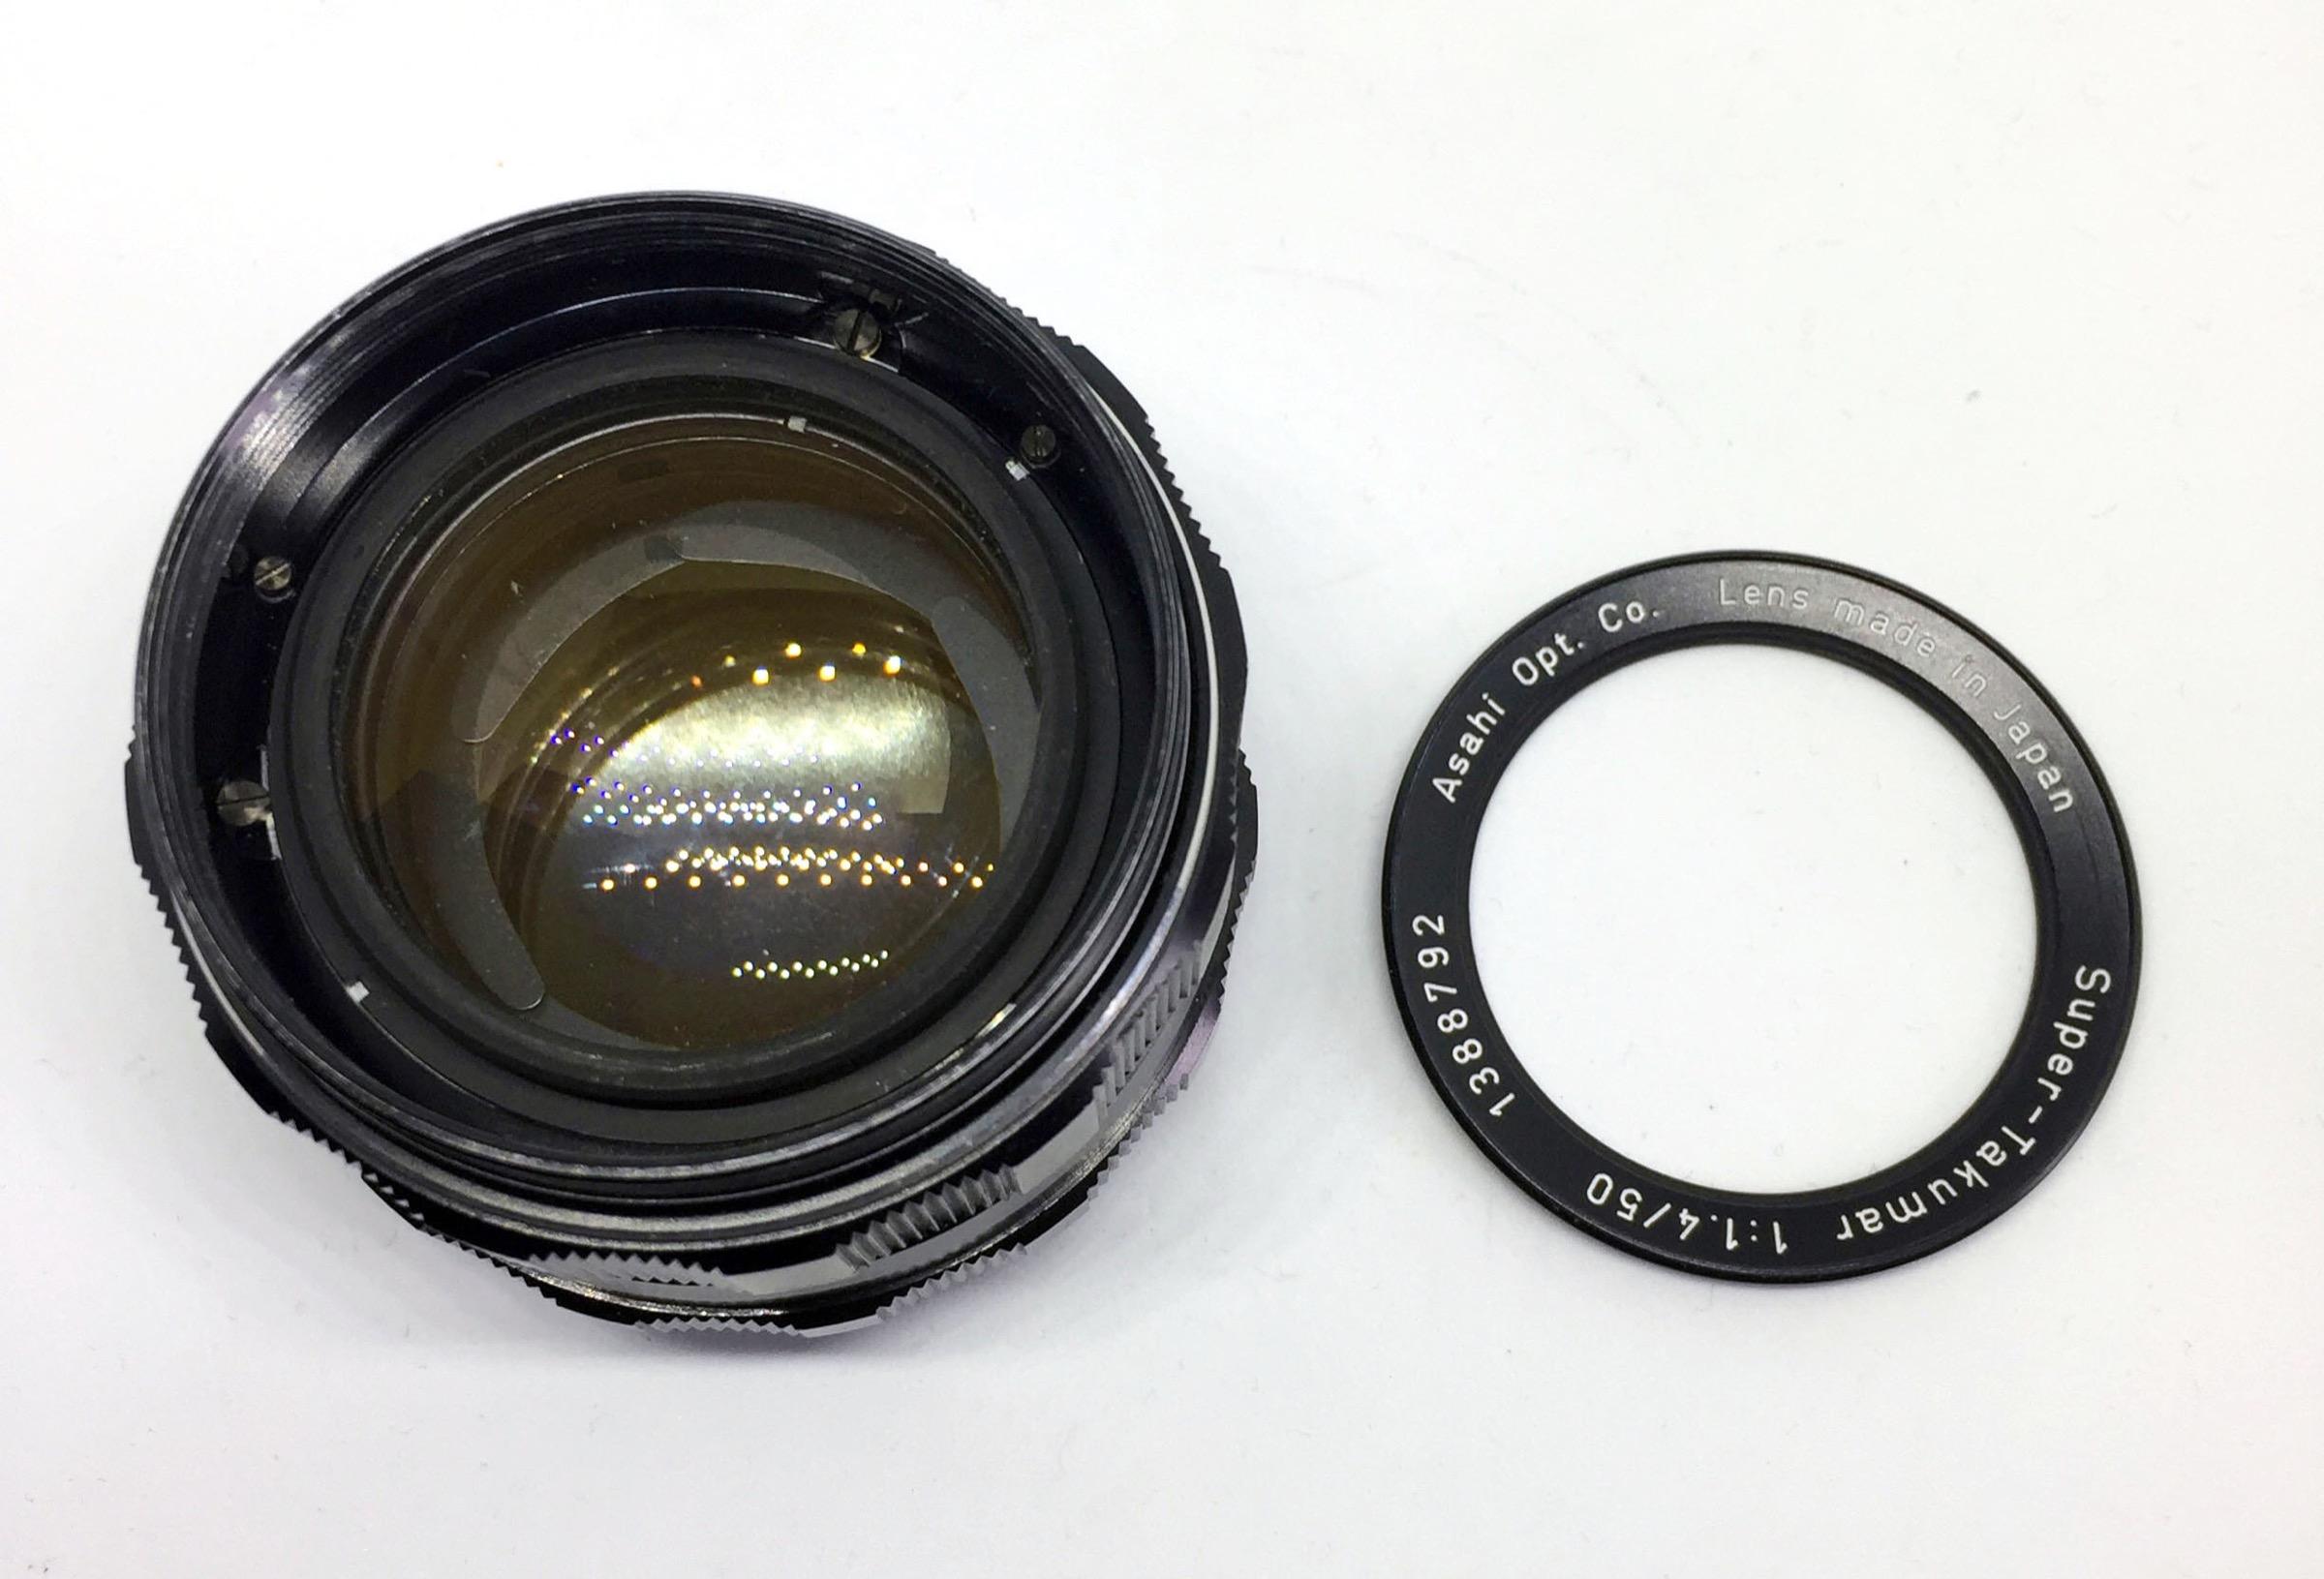 Super Takumar 50mm f1.4 rim removal